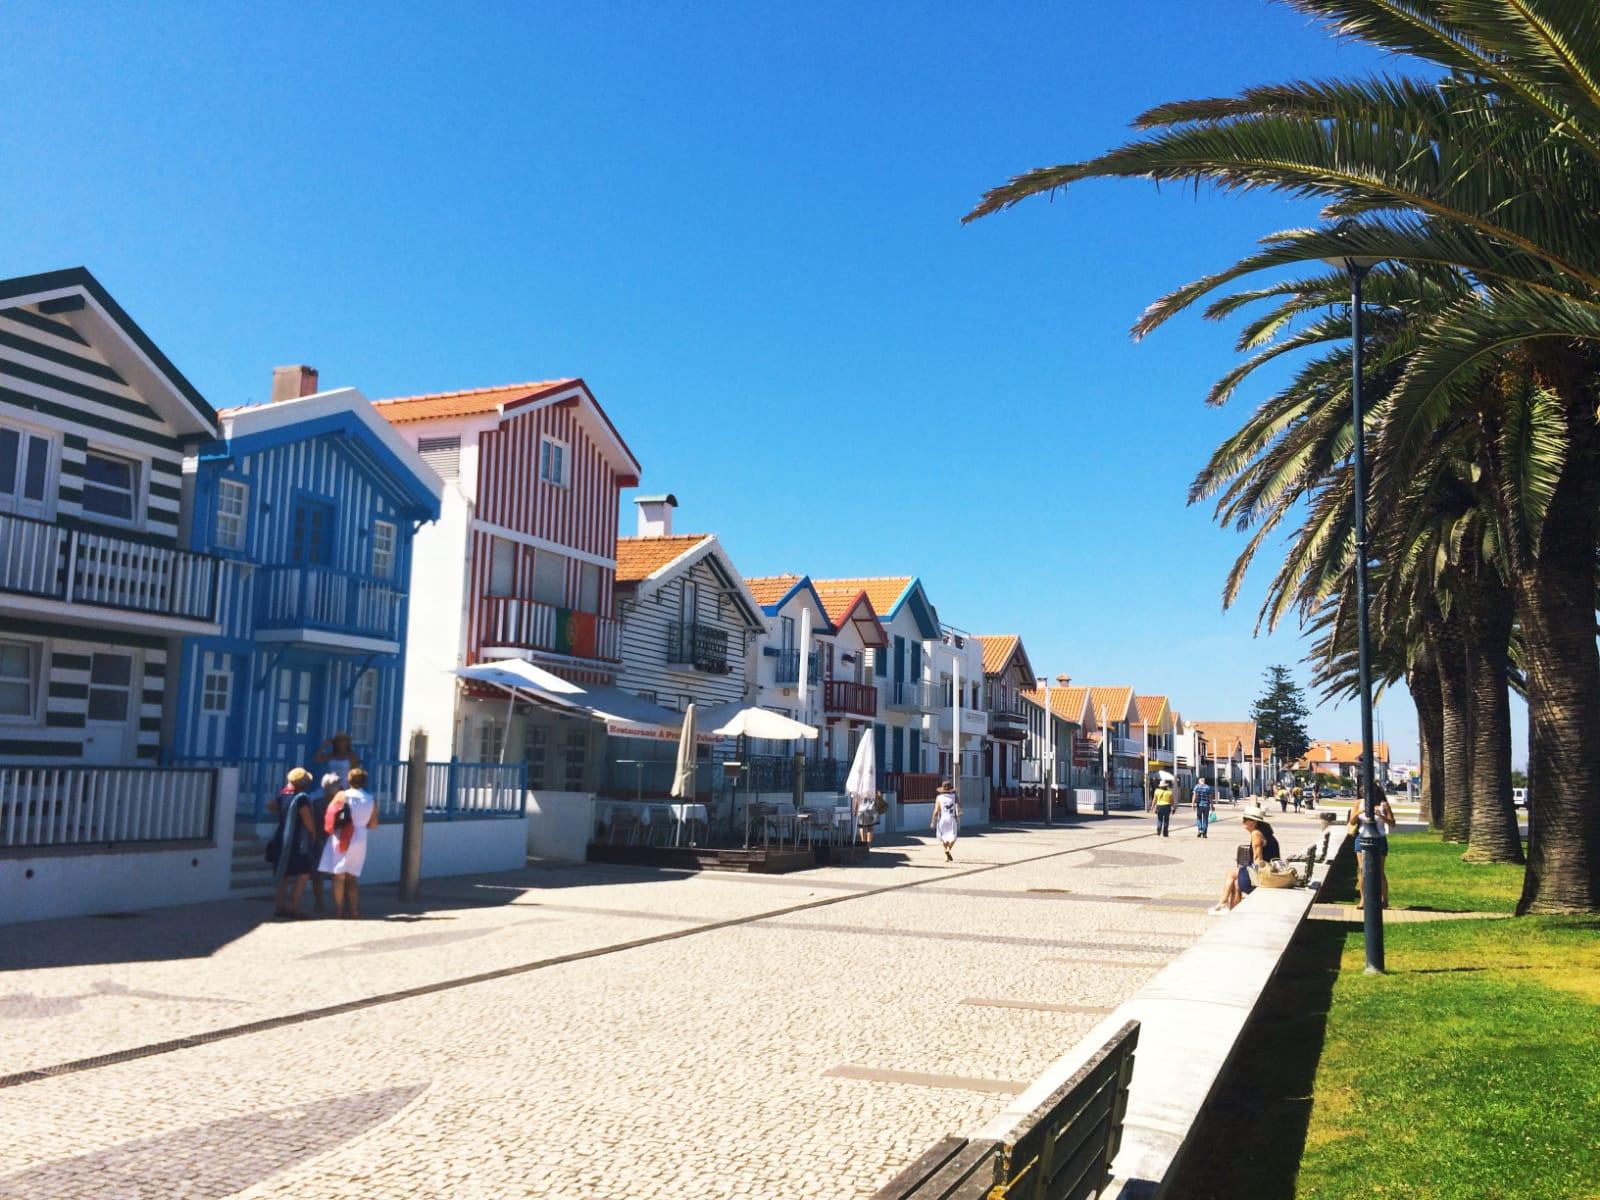 visitercostanovadoprado-casaslistradas-maisonsrayées-plagetouristique-portugal